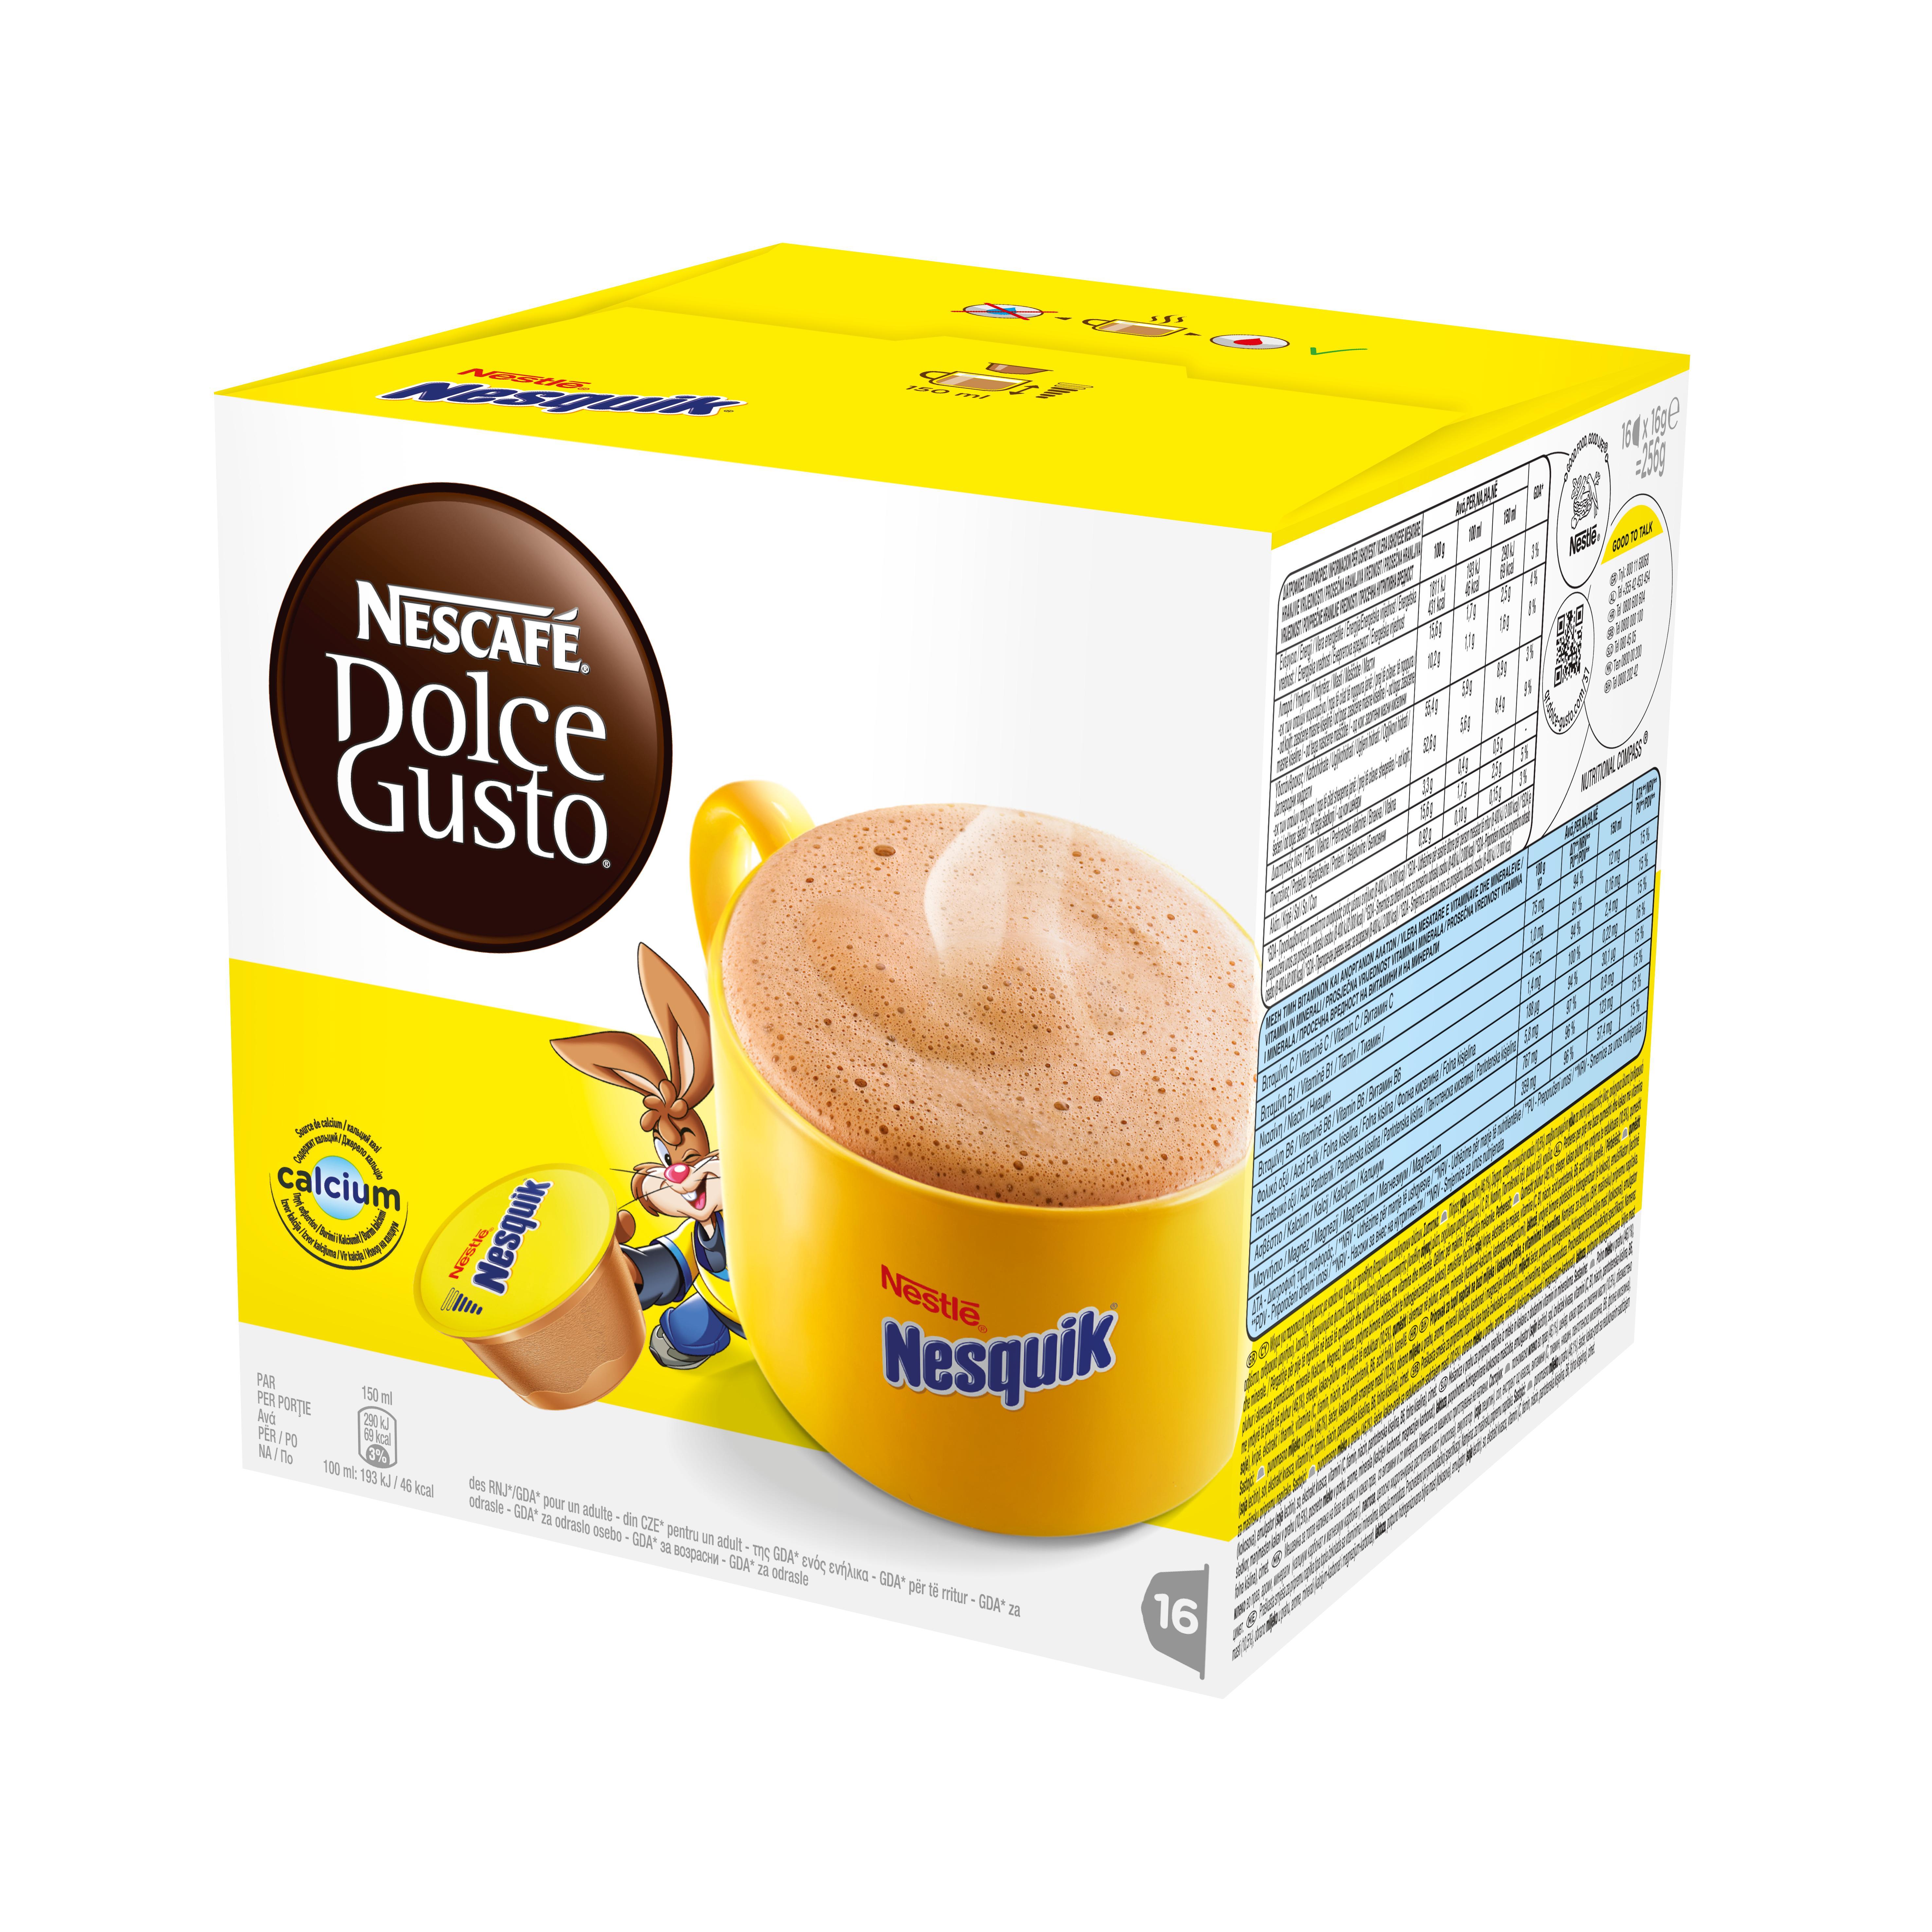 Какао в капсулах Dolce Gusto Nesquik (Несквик), 16 кап.Кофе, какао<br>Какао в капсулах NESCAFE Dolce Gusto Nesquik &amp;#40;Нескафе Дольче Густо Несквик&amp;#41;. Нет ничего лучше чашечки ароматного согревающего шоколадного напитка Nesquik. Насладитесь вкуснейшим напитком - неважно, готовите ли Вы его ребенку или сами желаете на миг вернуться в мир детства. Кролик Квики мгновенно наполнит Вашу чашку горячим ароматным какао-напитком. Каждая капсула рассчитана на одну чашку напитка.<br><br>Несквик - это ароматный согревающий шоколадный напиток.<br>СОСТАВ: сухое цельное молоко, какао-порошок<br><br>Тип: какао в капсулах